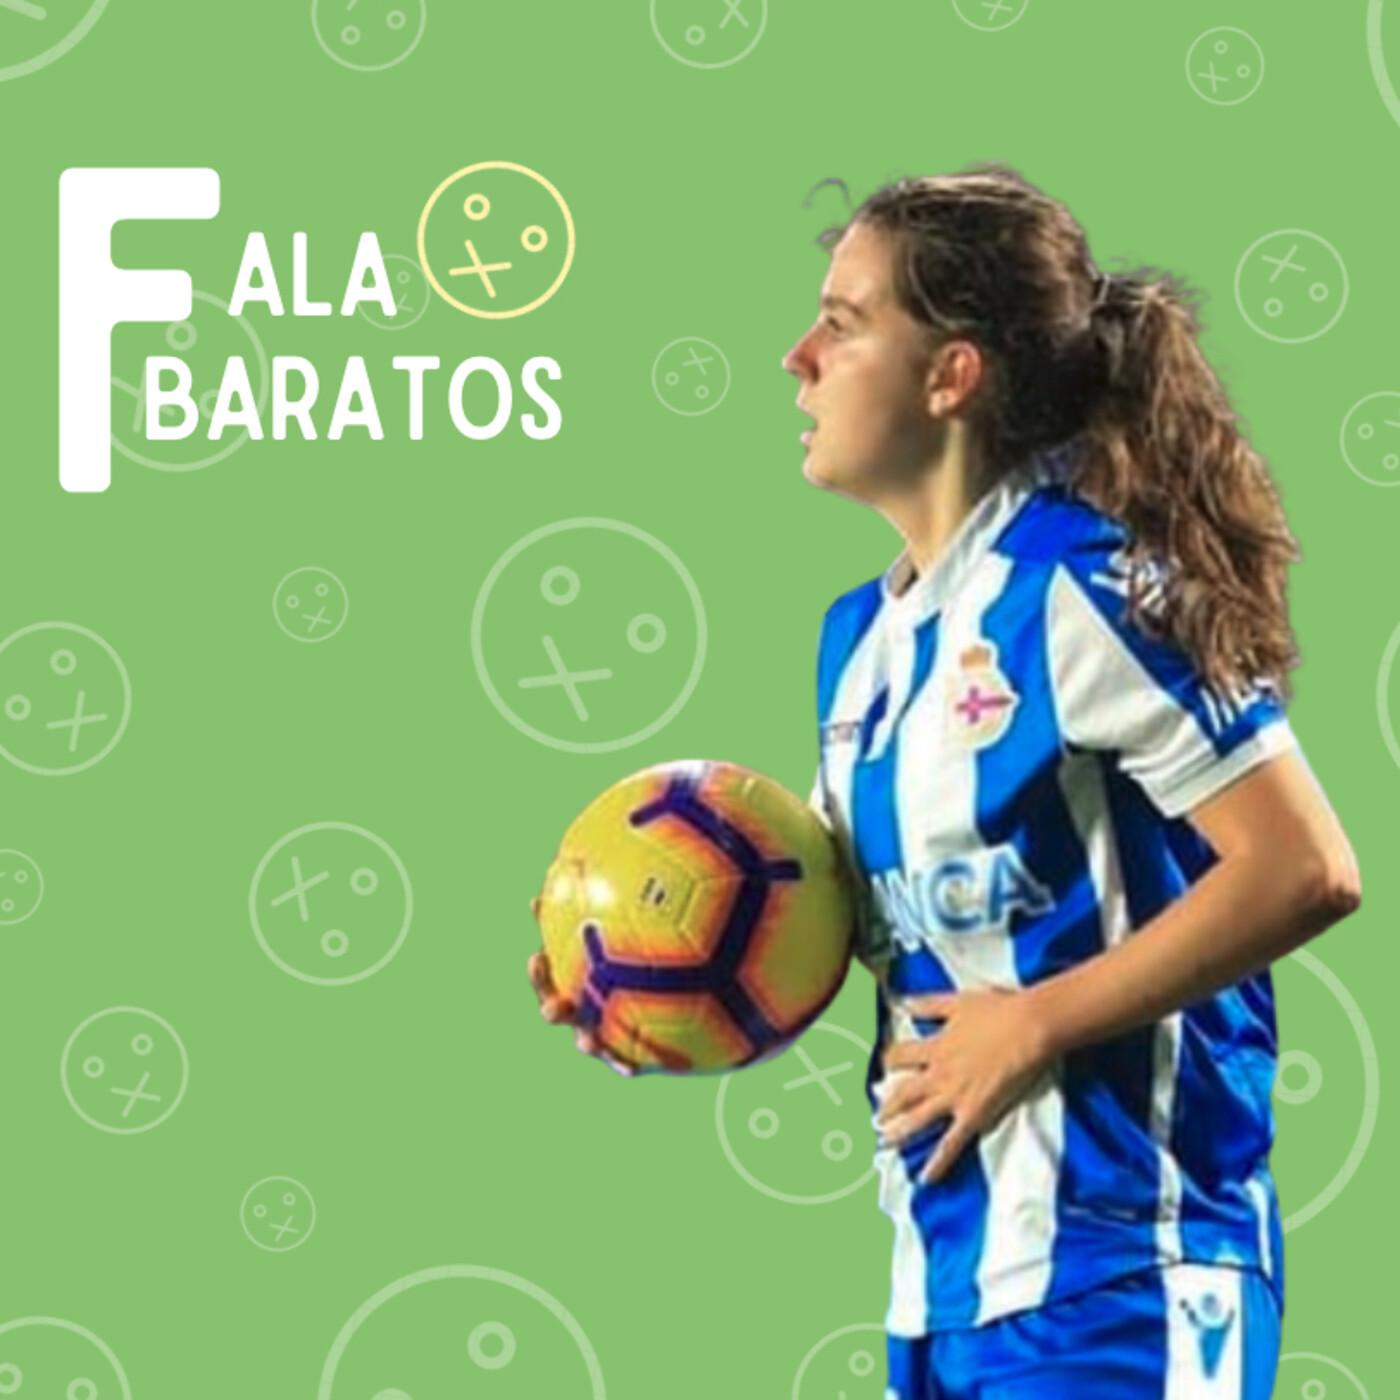 Entrevista con Patri Díaz, futbolista.